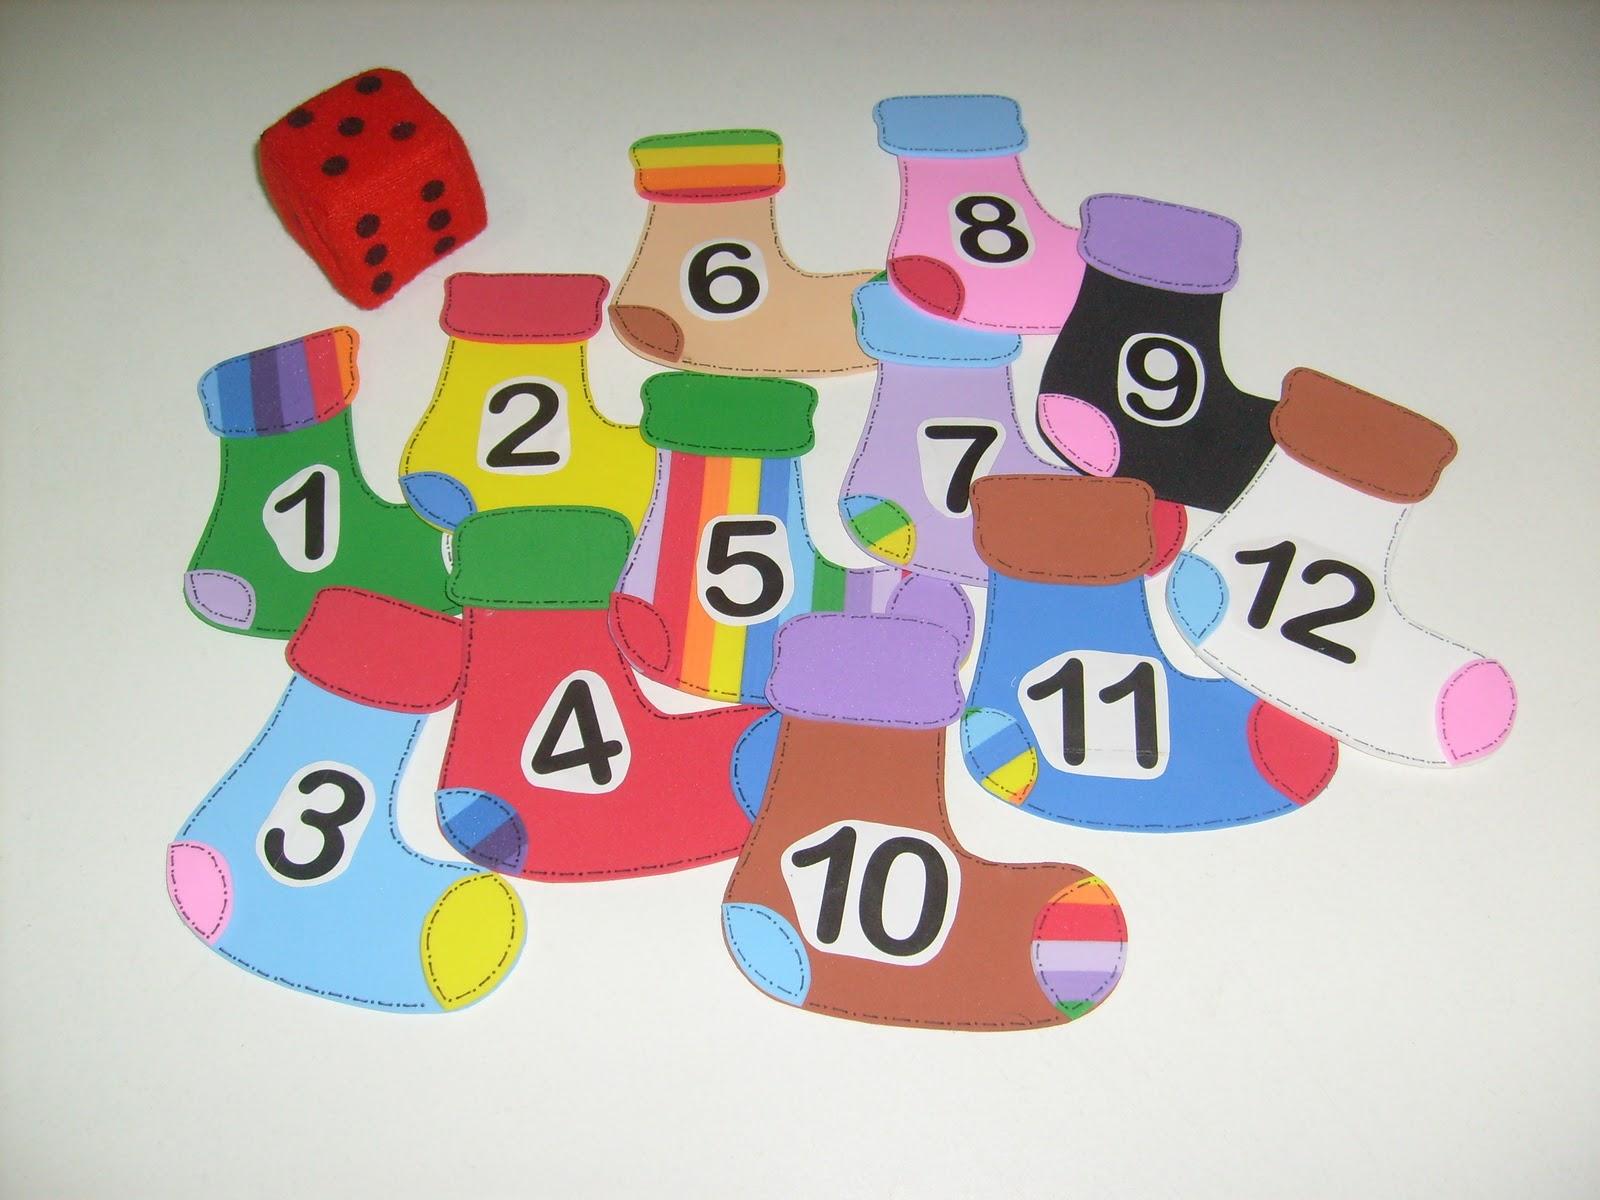 Famosos ALFABETIZAÇÃO CEFAPRO - PONTES E LACERDA/MT : Jogos Pedagógicos RN45